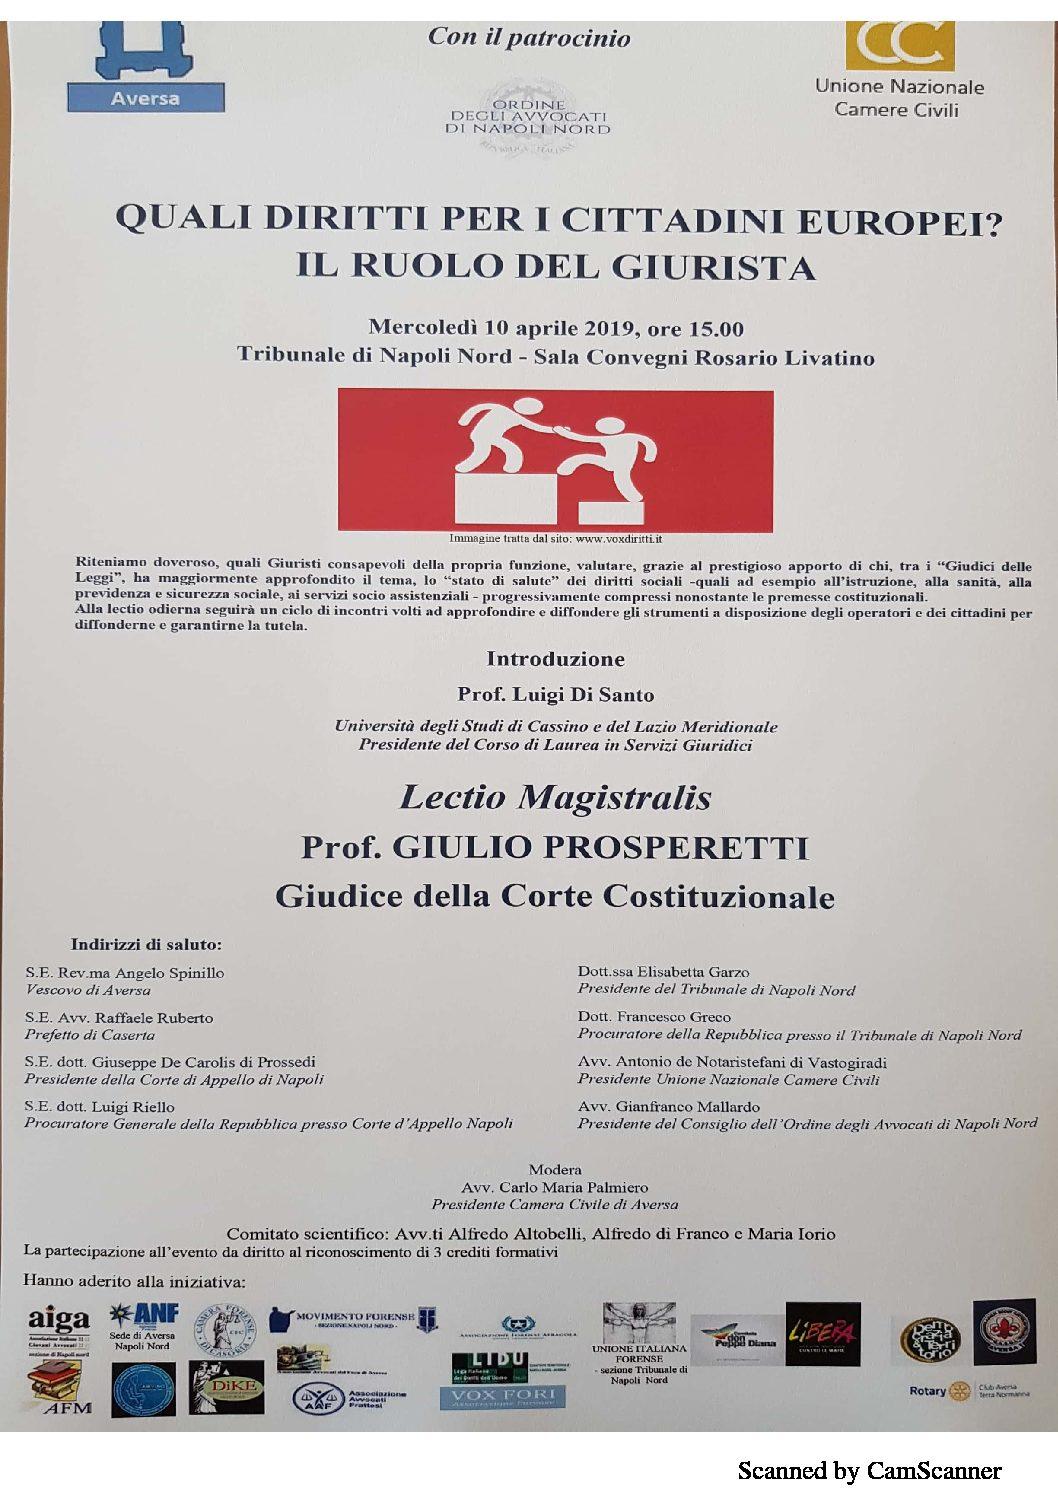 Tribunale di Napoli Nord: Mercoledi 10 aprile lectio magistralis del Prof. Prosperetti sulla tutela dei diritti sociali e il ruolo del giurista